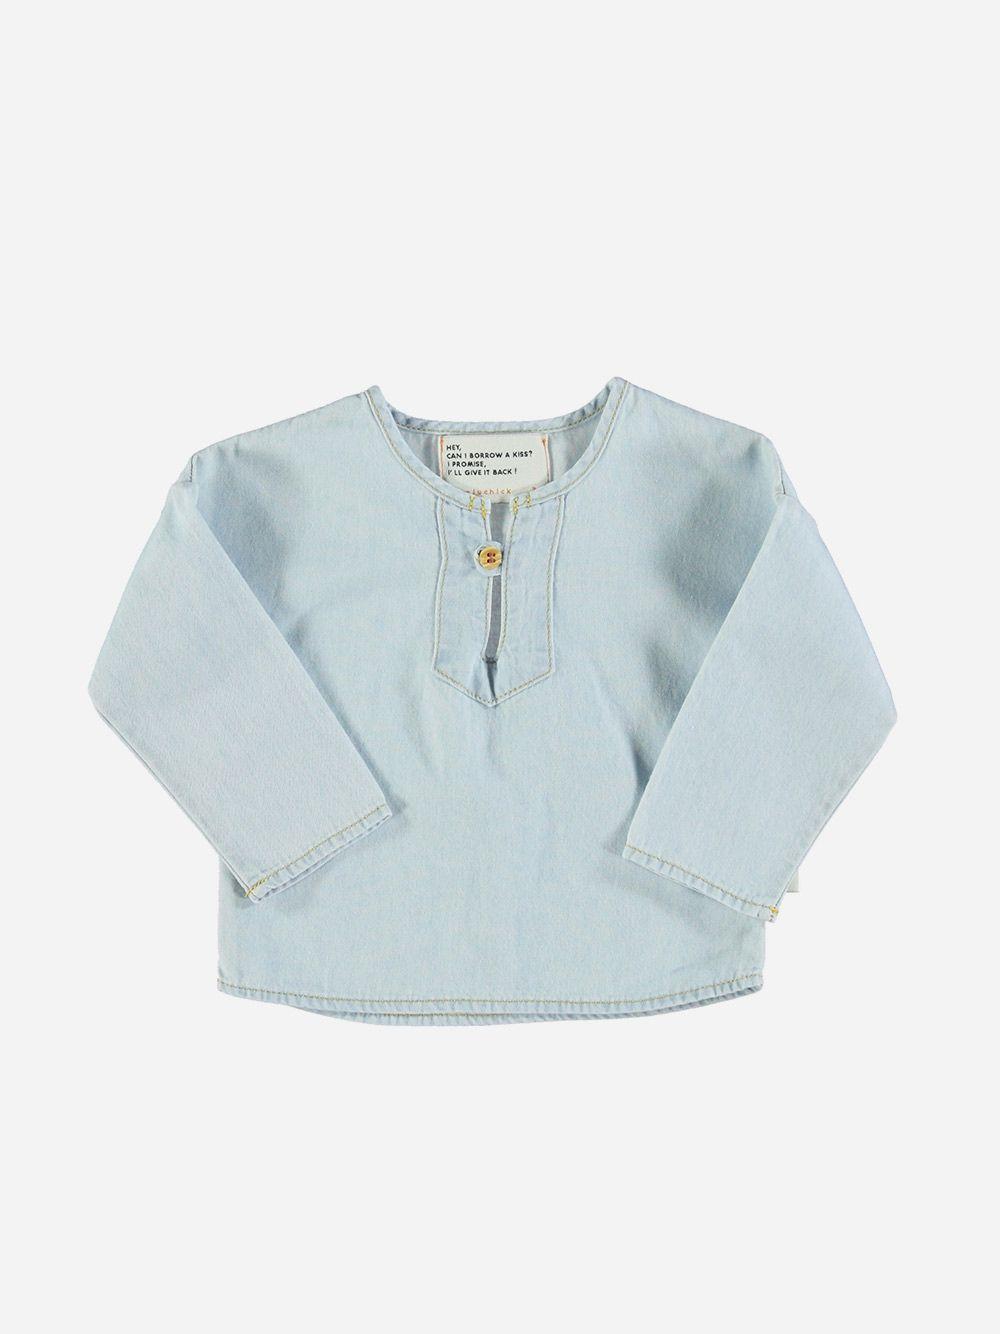 Baby Round Collar Shirt Light Blue Washed Denim